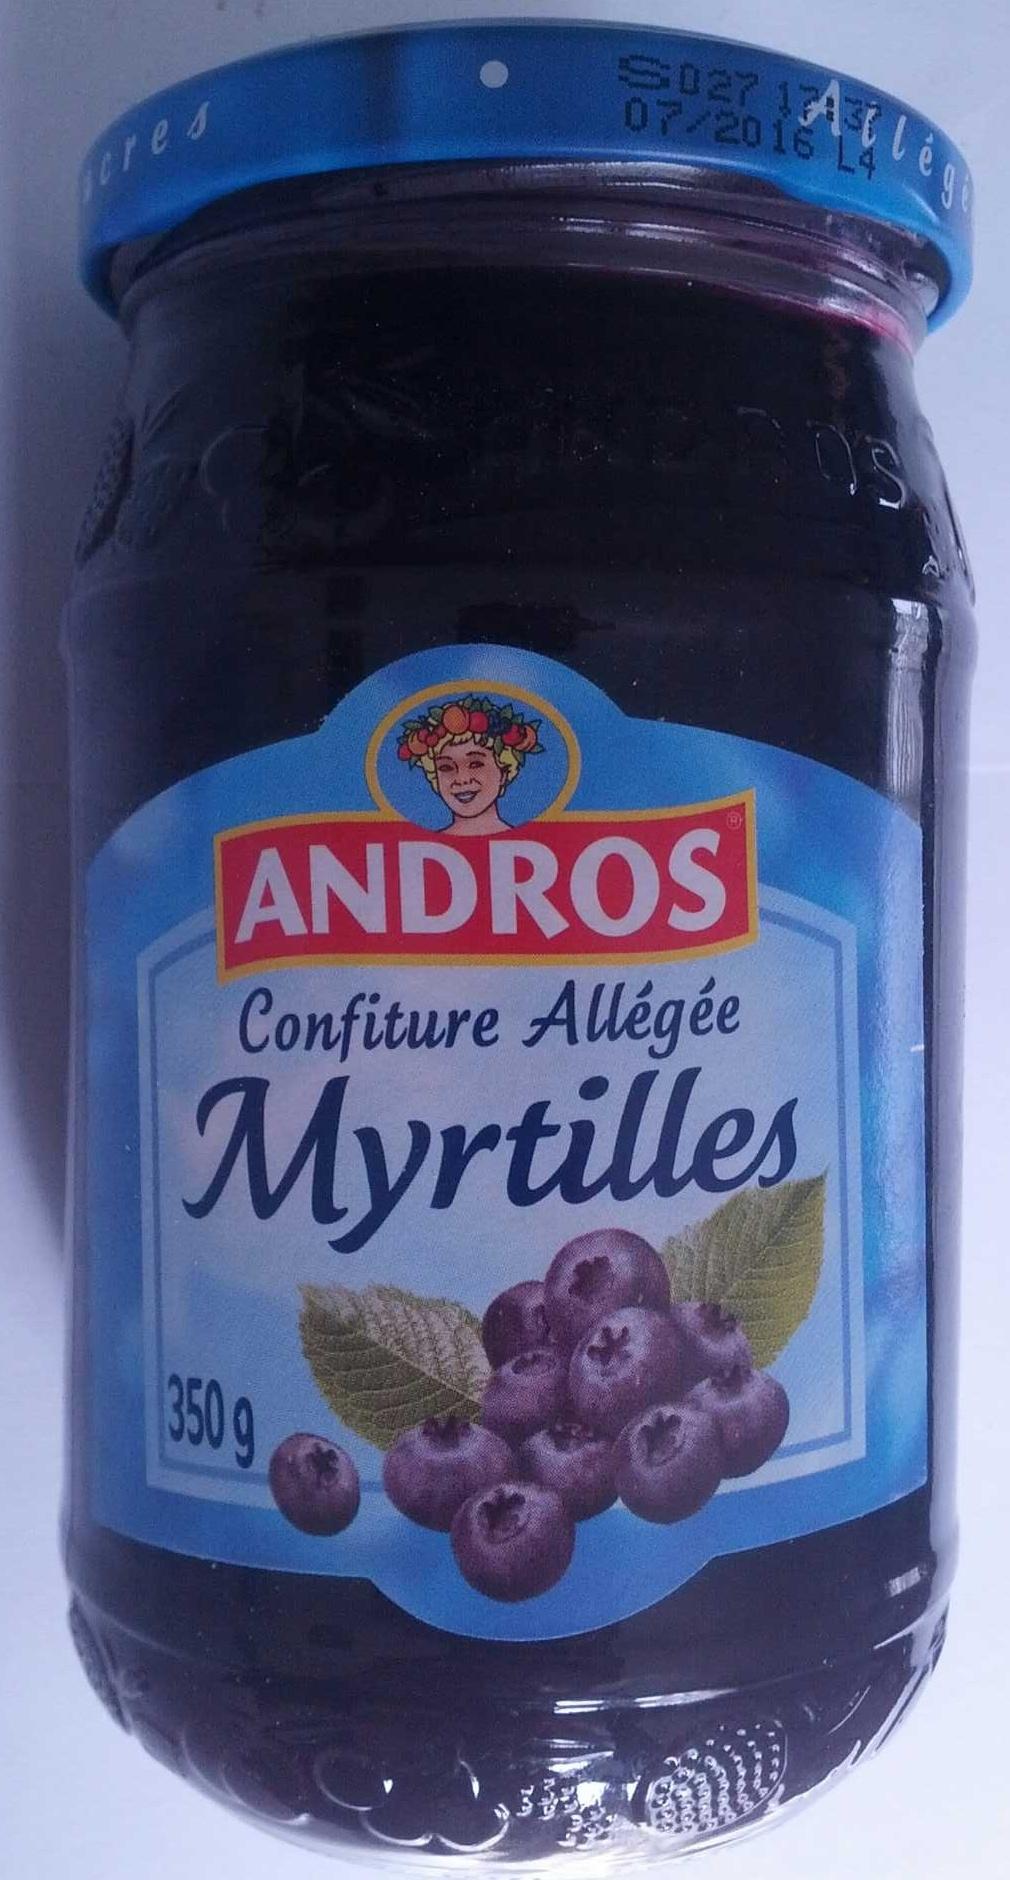 Confiture allégée Myrtilles - Product